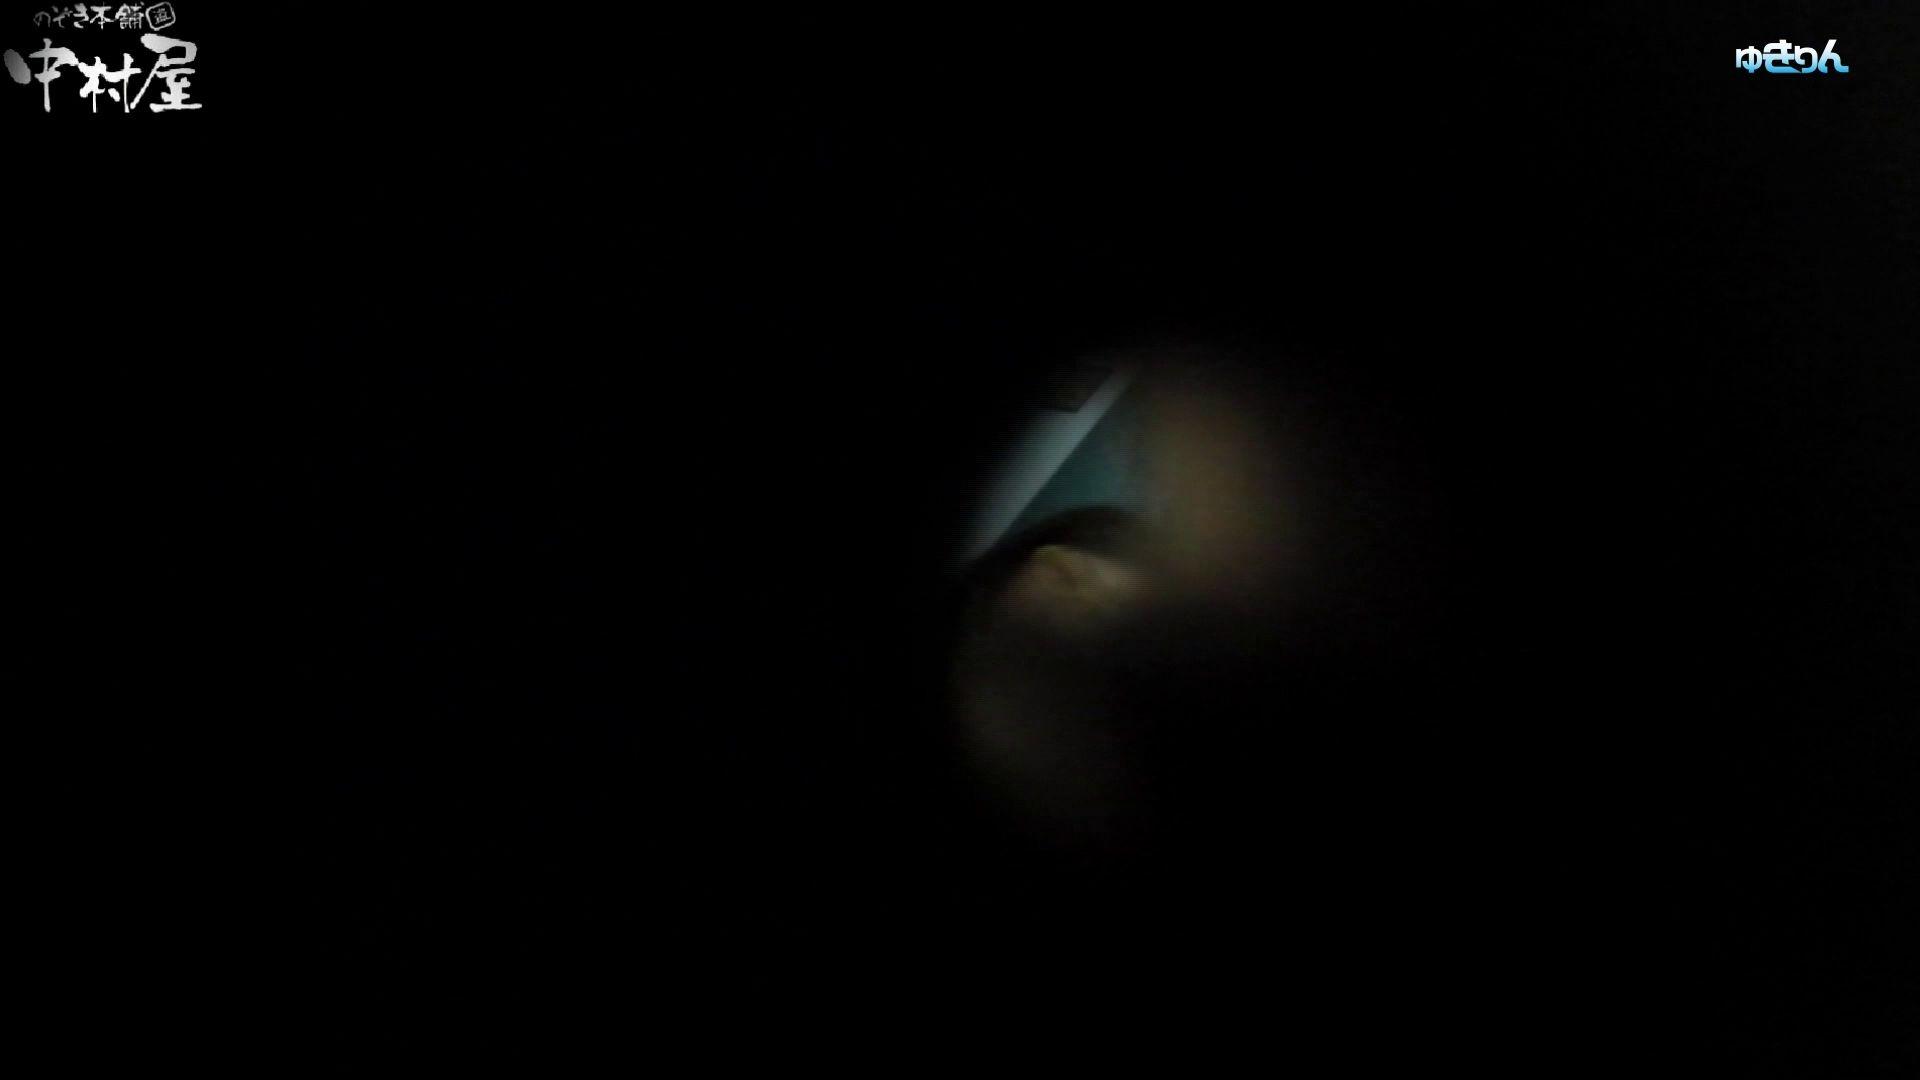 世界の射窓から~ステーション編 vol58 0.1%の確率!!吸い付こまれるプレミアム聖地 おまんこ見放題  80PIX 34